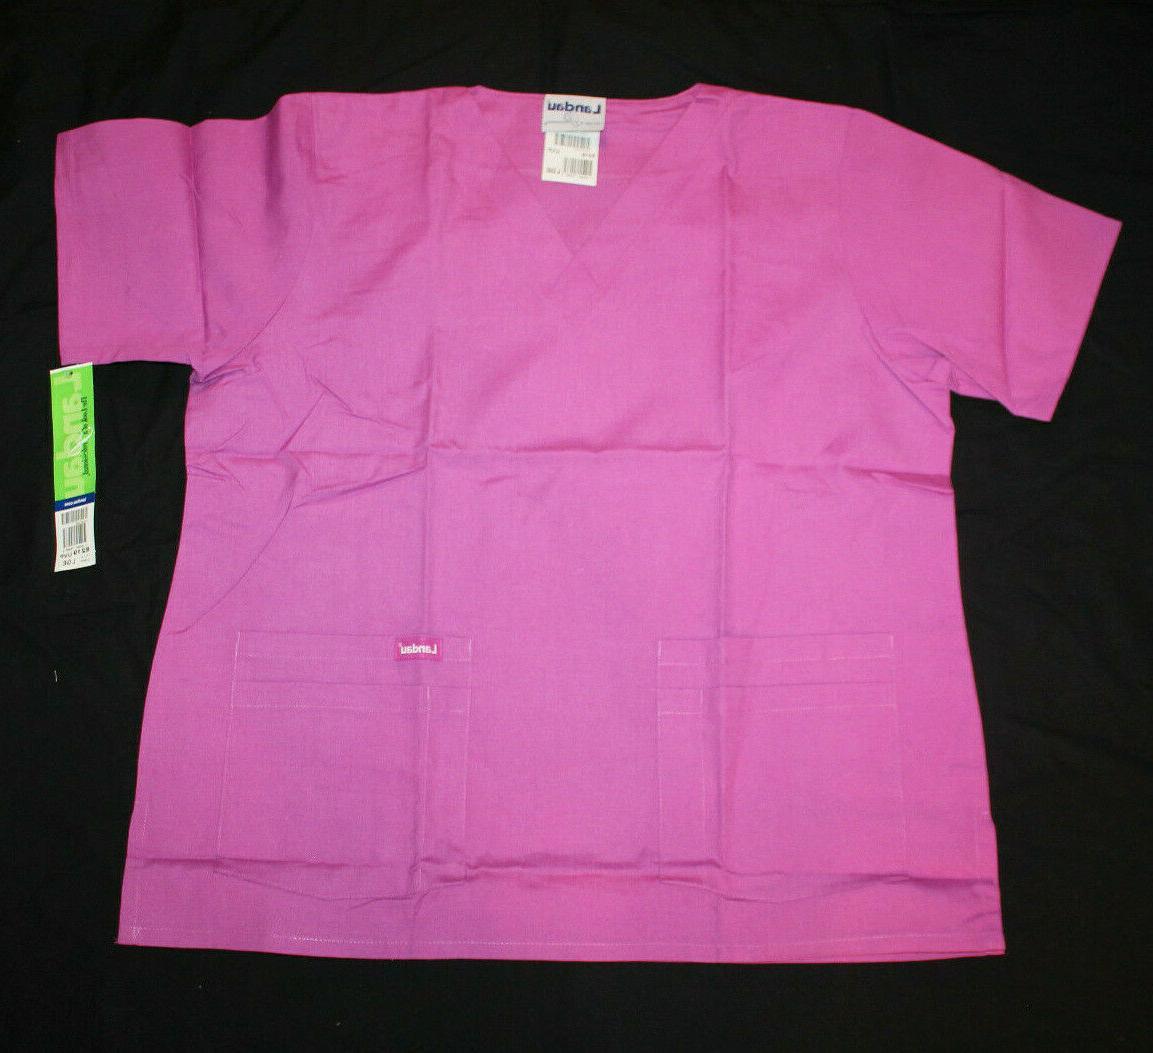 medical uniforms originals scrubs top violet nwt